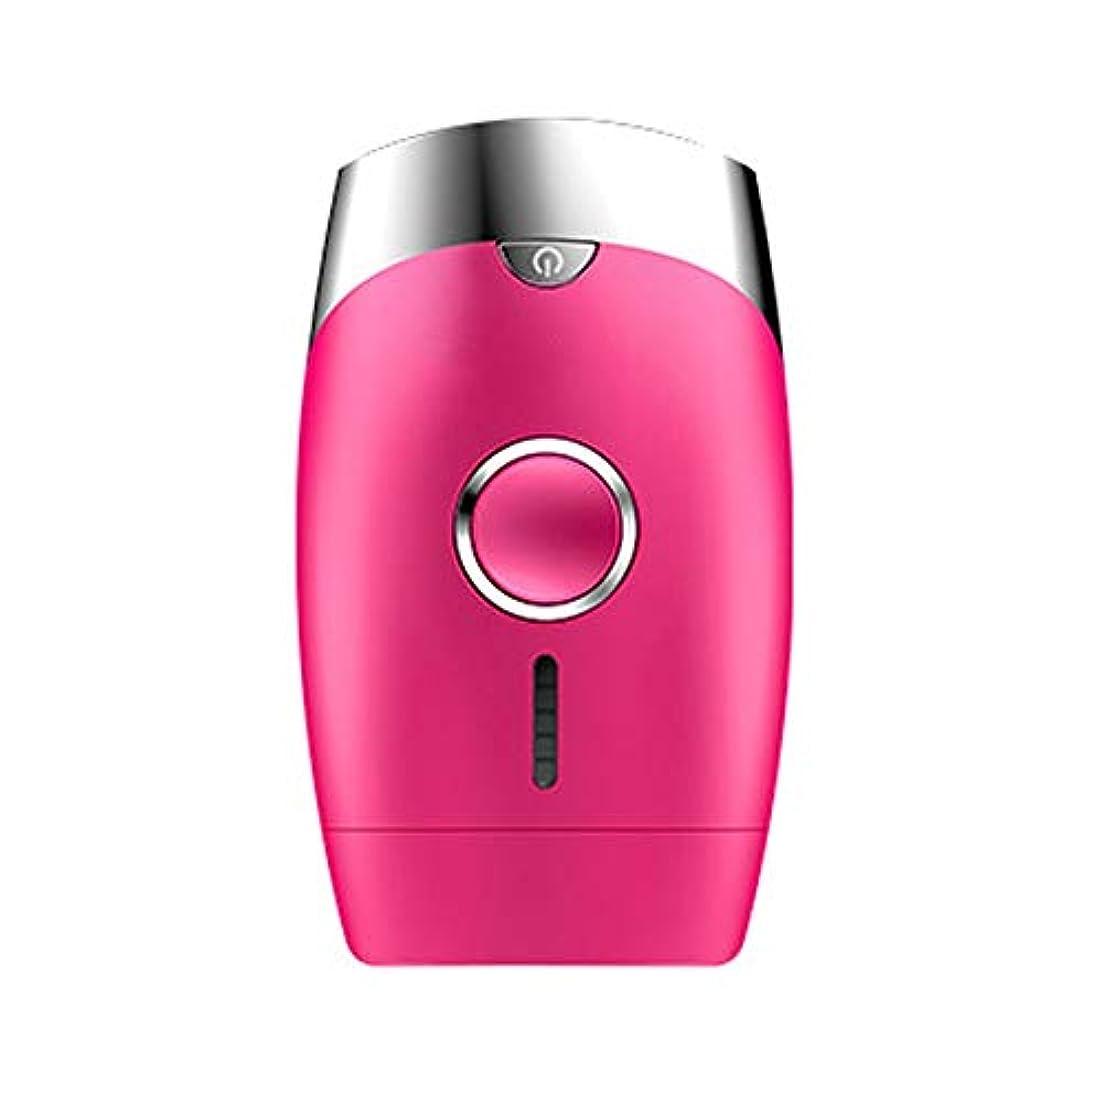 に対して退化する塊Nuanxin ピンク、5スピード調整、インテリジェント家庭用痛みのない凝固点ヘアリムーバー、シングルフラッシュ/連続フラッシュ、サイズ13.9 X 8.3 X 4.8 Cm F30 (Color : Pink)